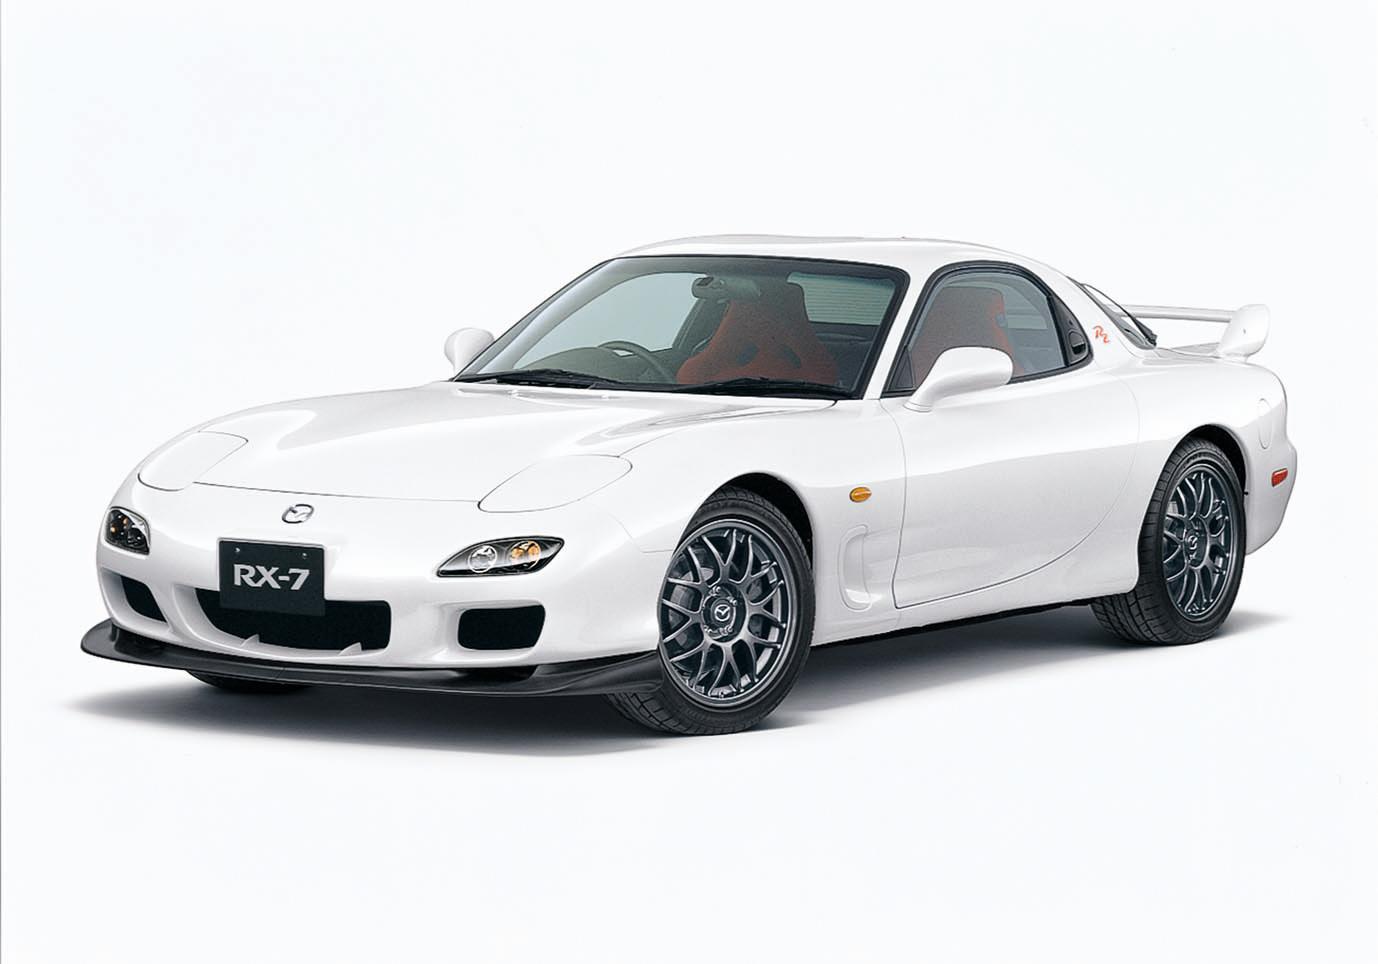 2000 Mazda RX-7